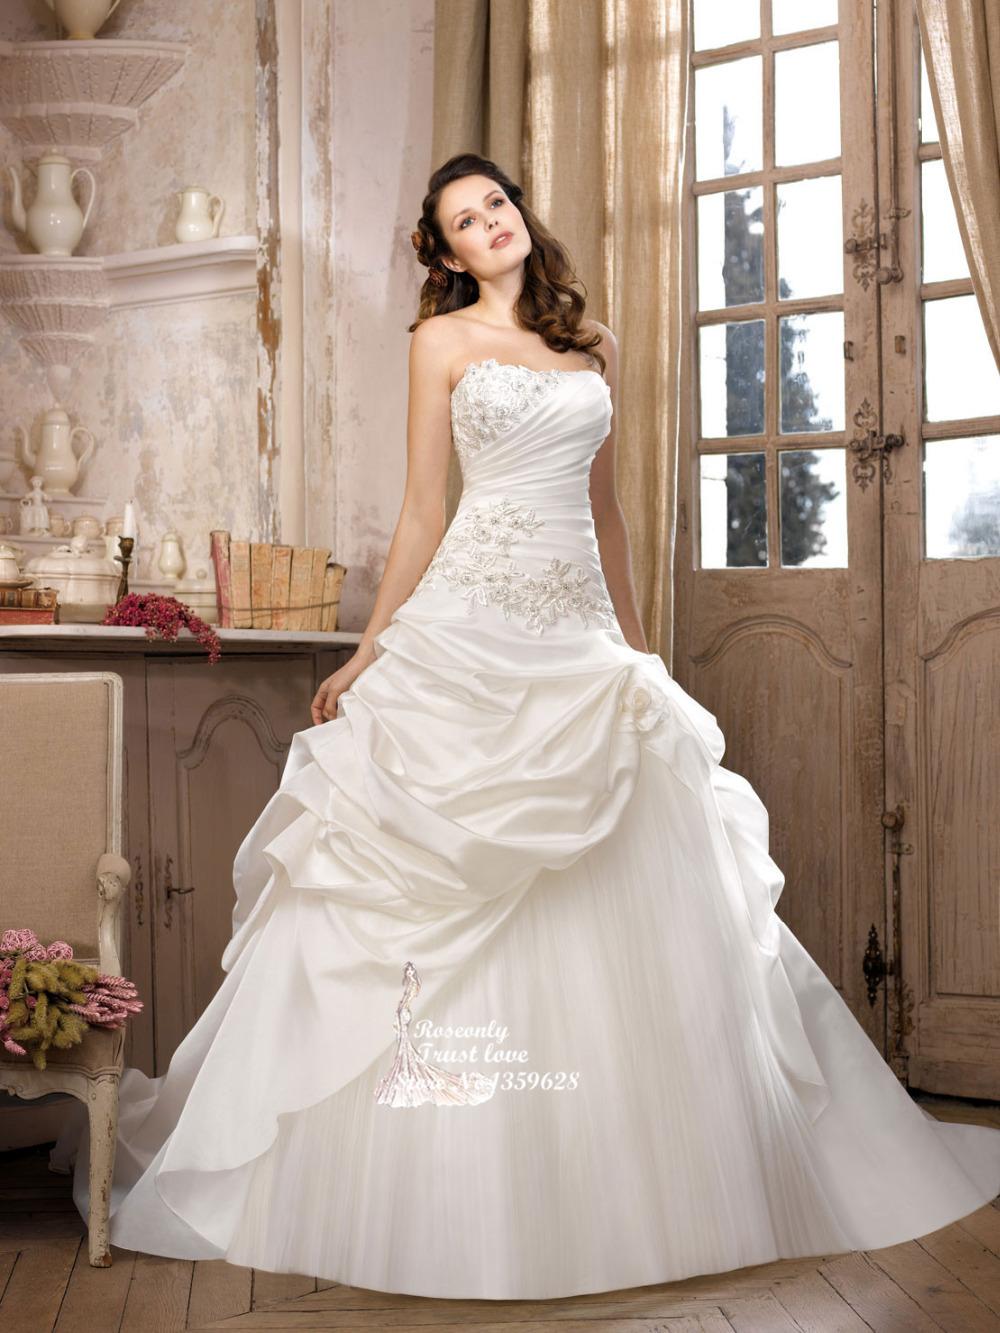 Vente sur les robes de mariage peinture for Kleinfeld mariage robes vente